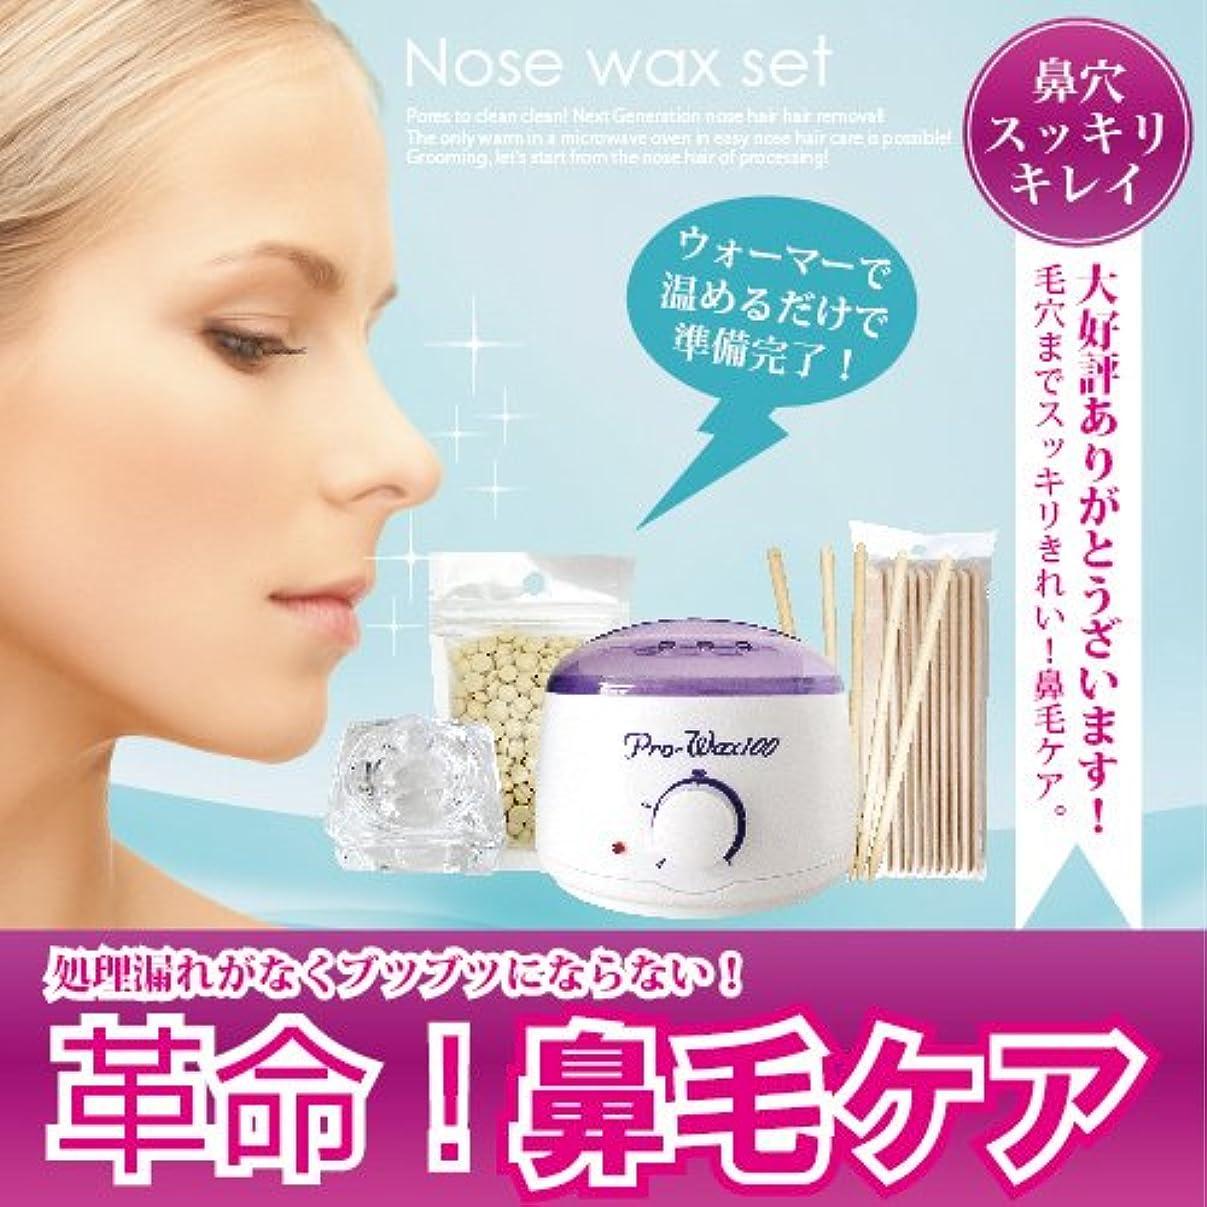 ファン遊びます注釈を付けるブラジリアンワックス Nose wax setウォーマー付ノーズワックス鼻毛ケアセット(約12回分)